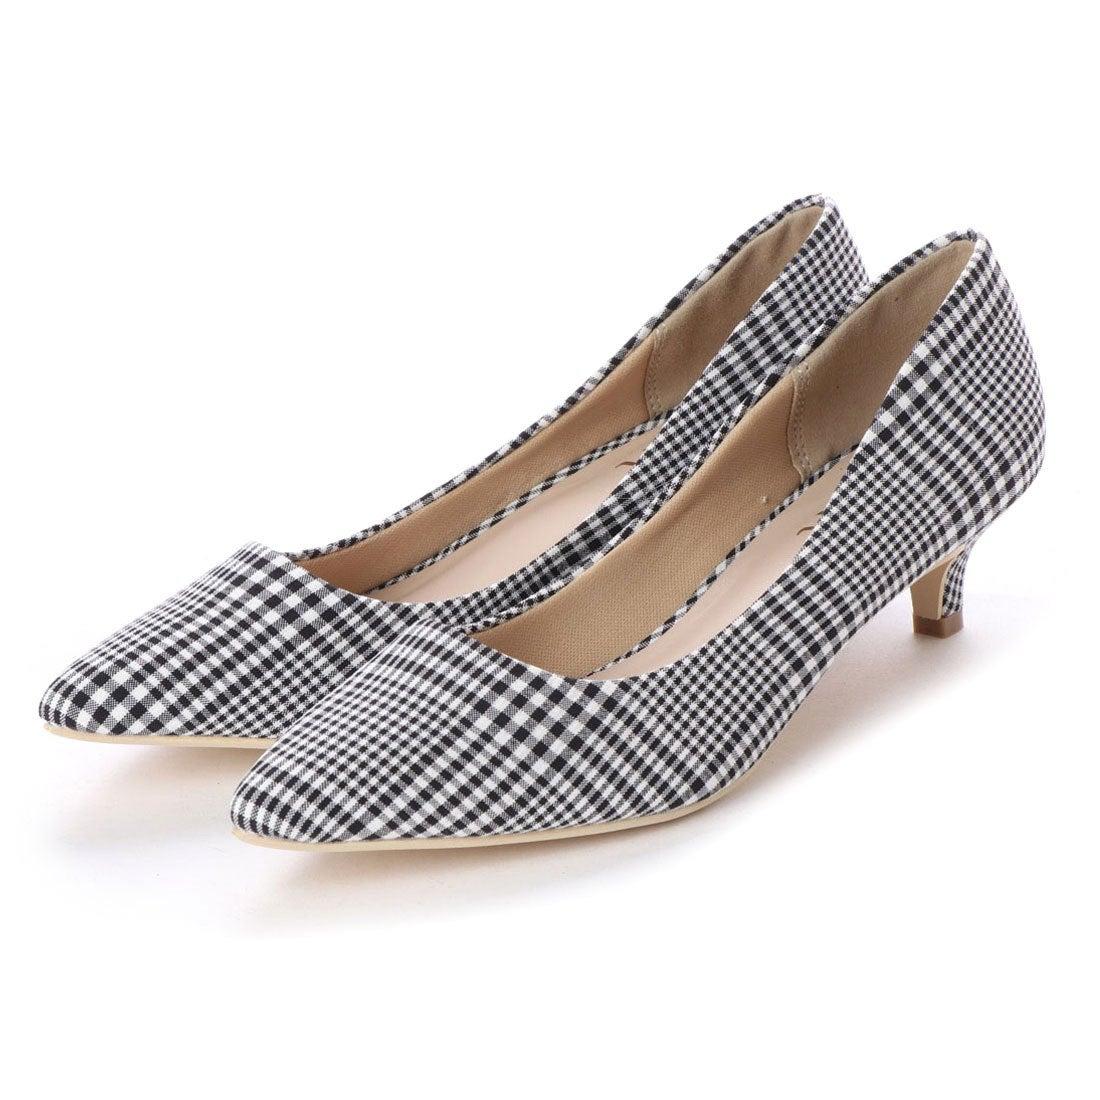 7d1e521caed7c9 ヴィヴィアン Vivian シンプルプレーンローヒールポインテッドトゥパンプス (ブラックチェック) -靴&ファッション通販  ロコンド〜自宅で試着、気軽に返品